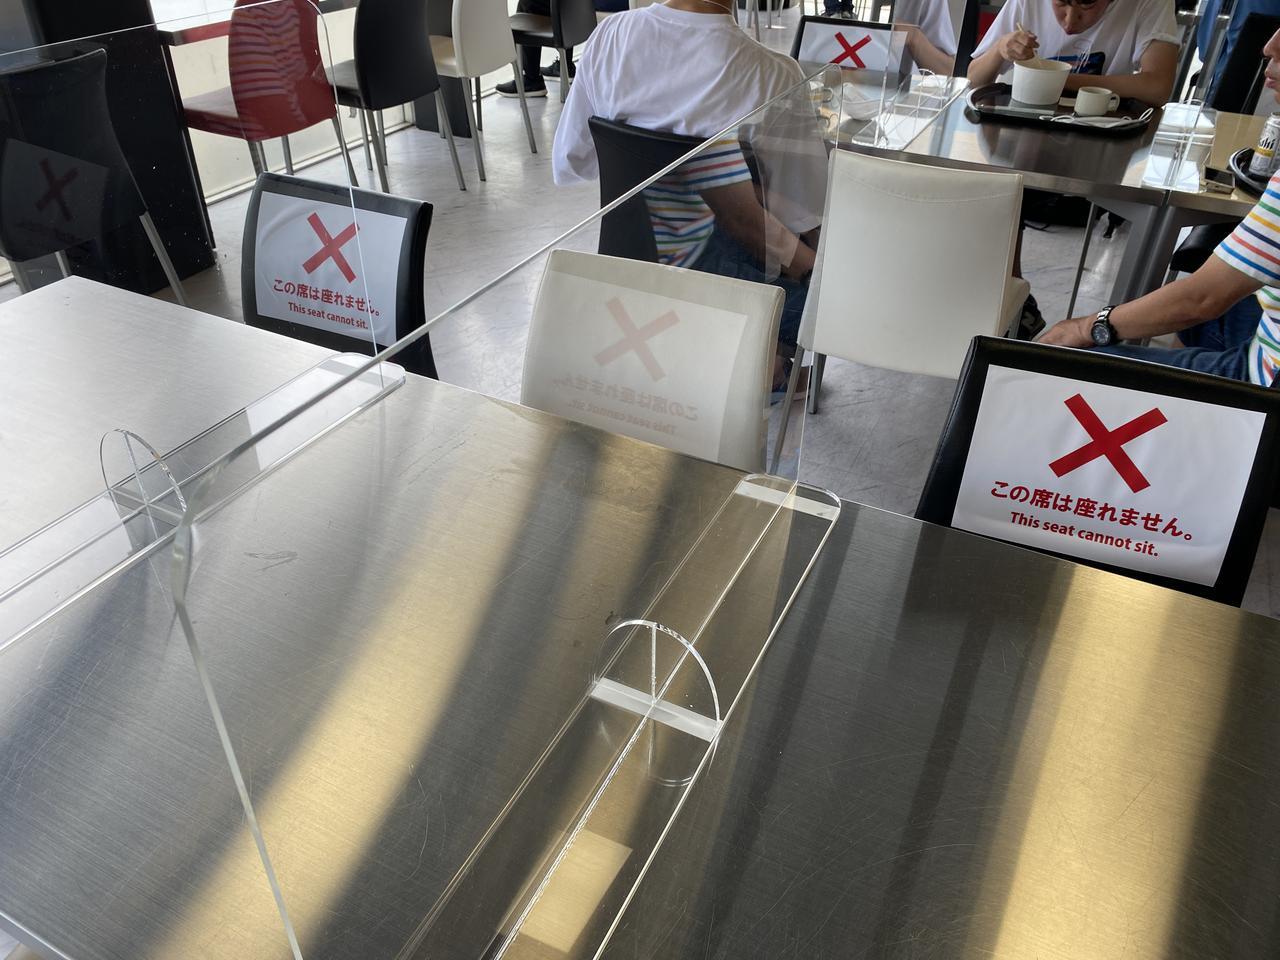 画像: 座席は一定の間隔で着席するよう印が貼られていました。